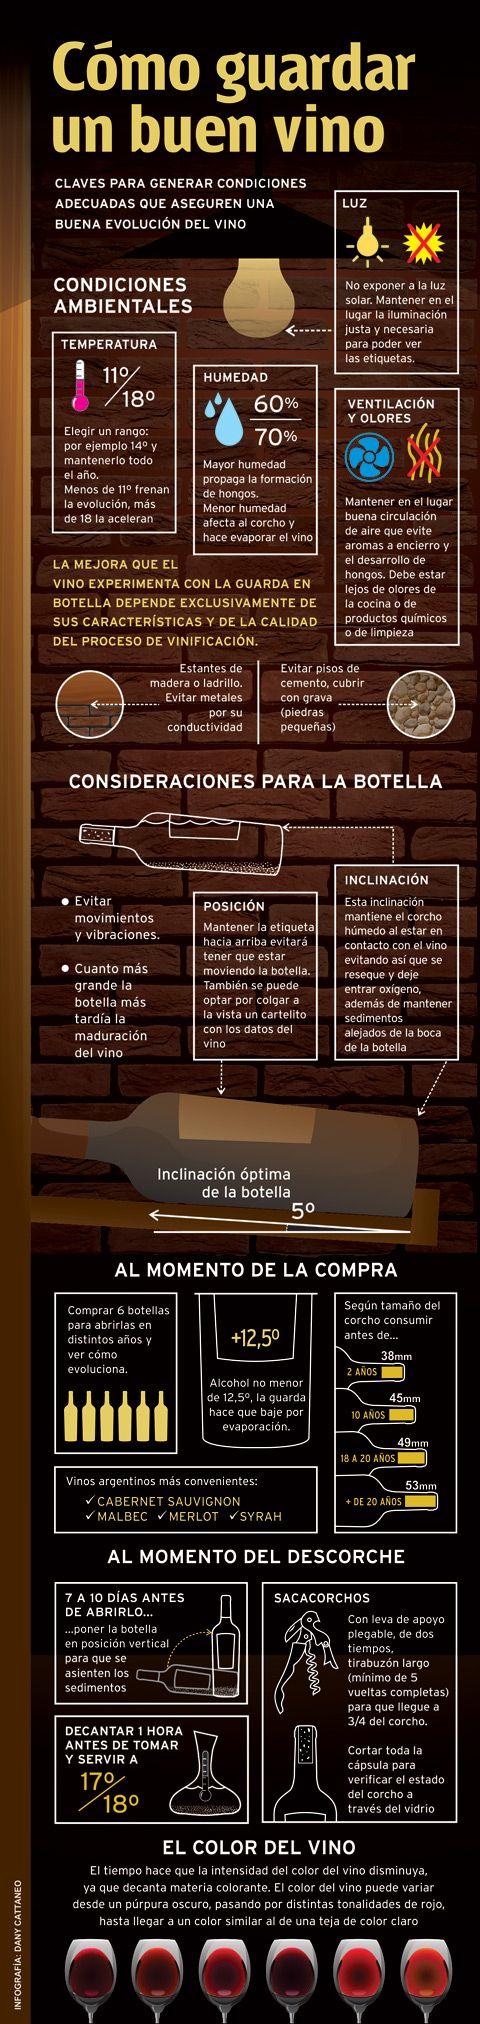 ¿Cómo guardar un buen vino? - Area del Vino #infografía #vino